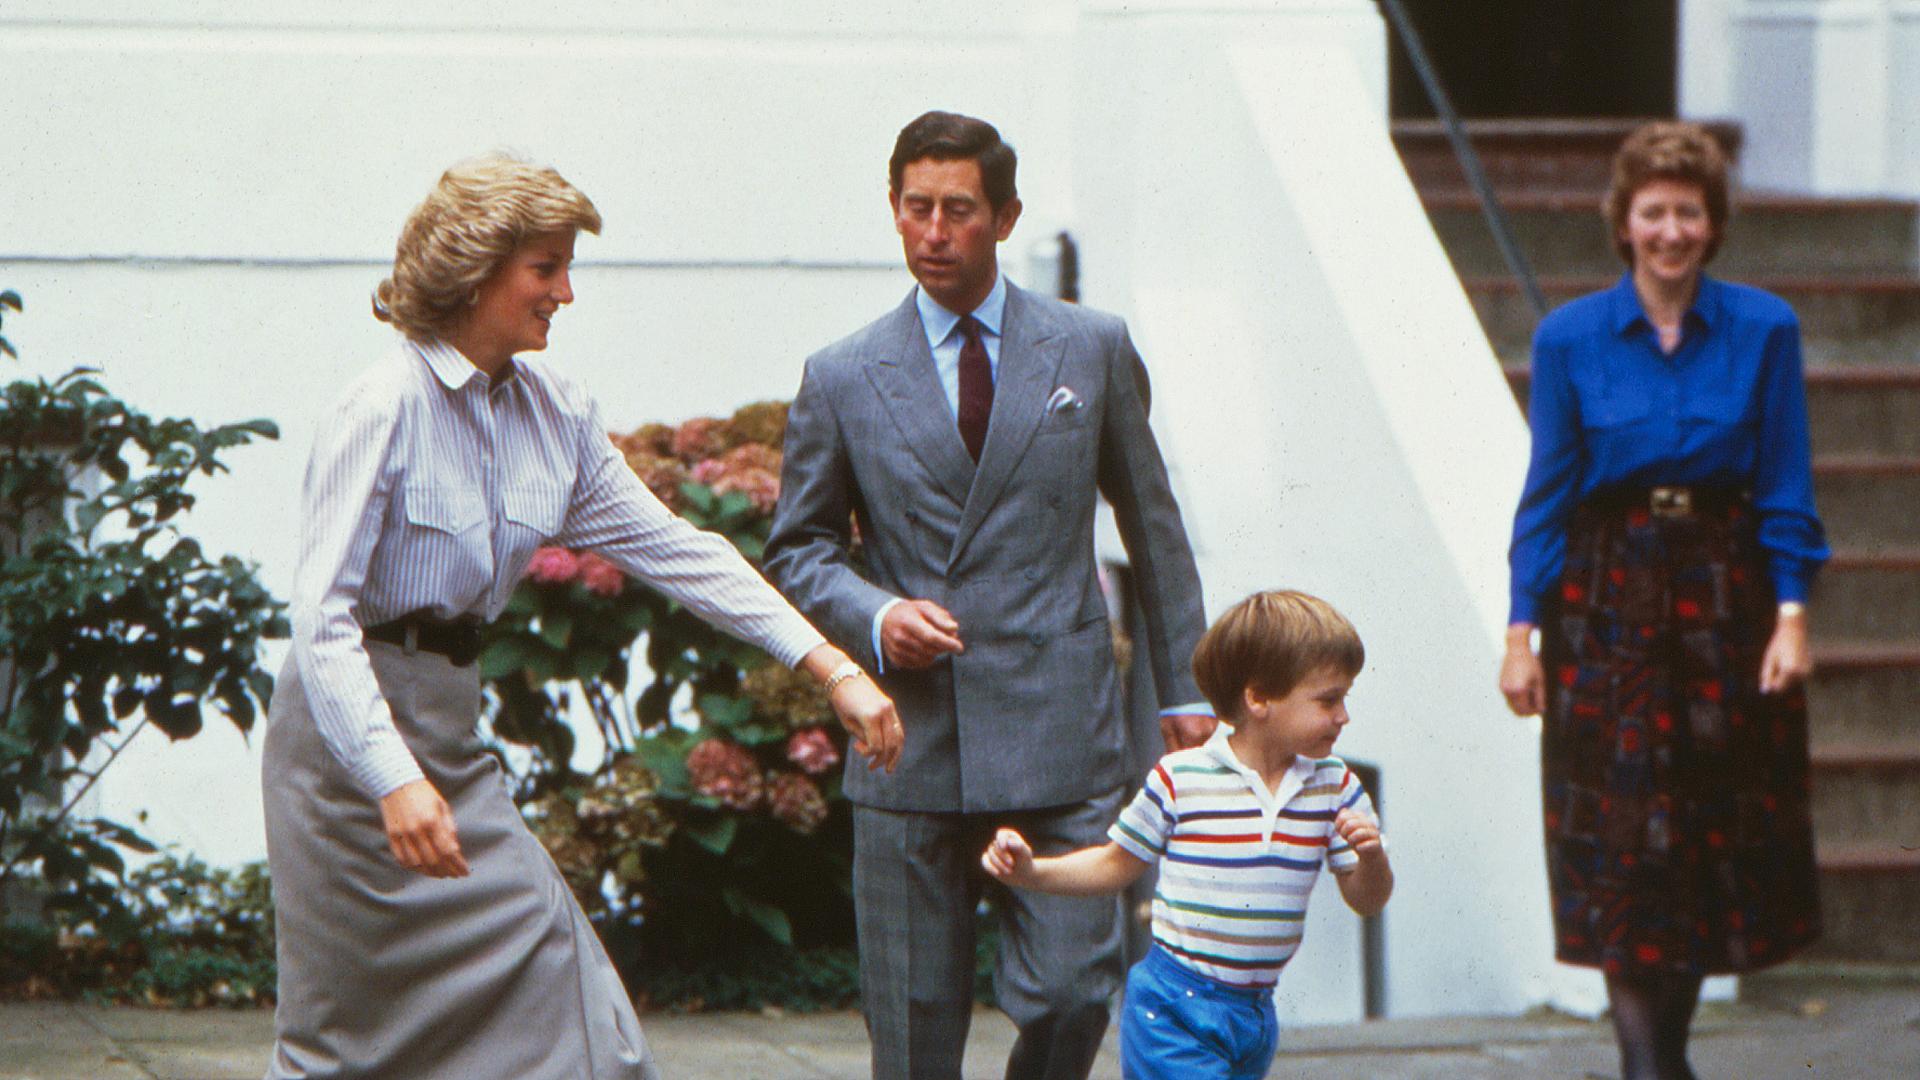 Diana tiara nélküli, hétköznapi pillanatok - Harry herceg készítette róla a legjobb képet